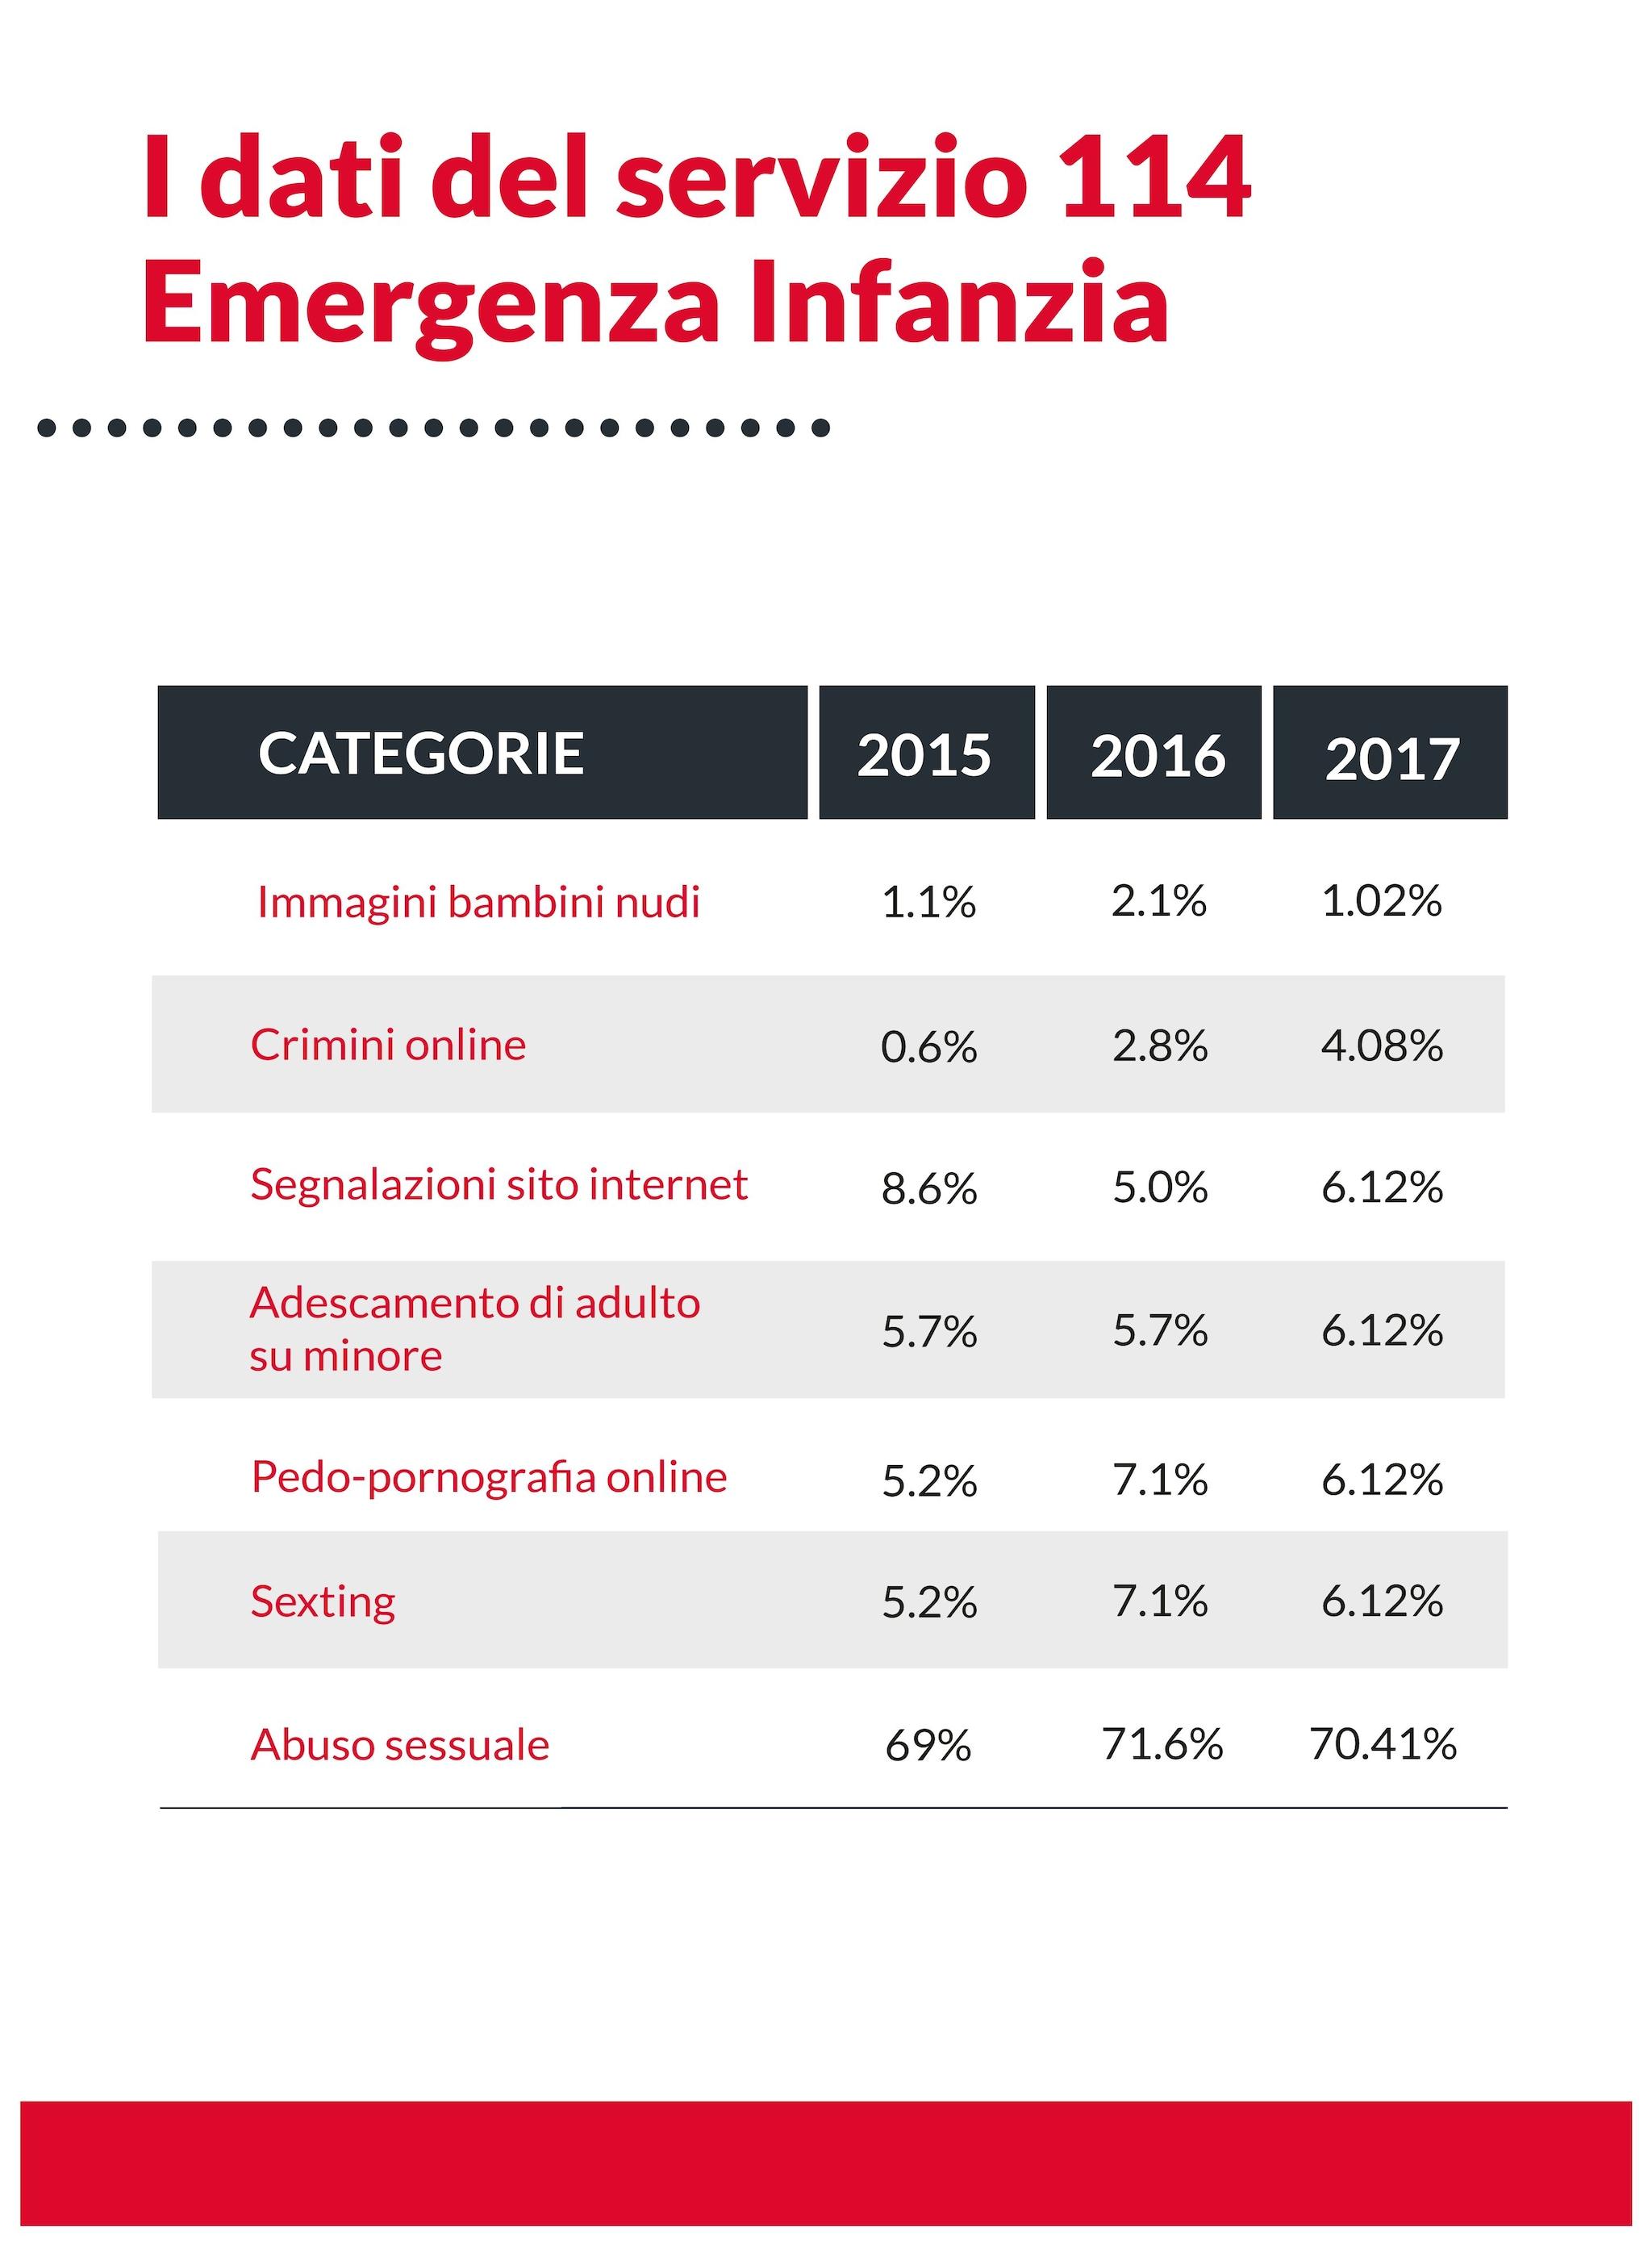 Dati relativi al 2017 del servizio 114 Emergenza Infanzia.